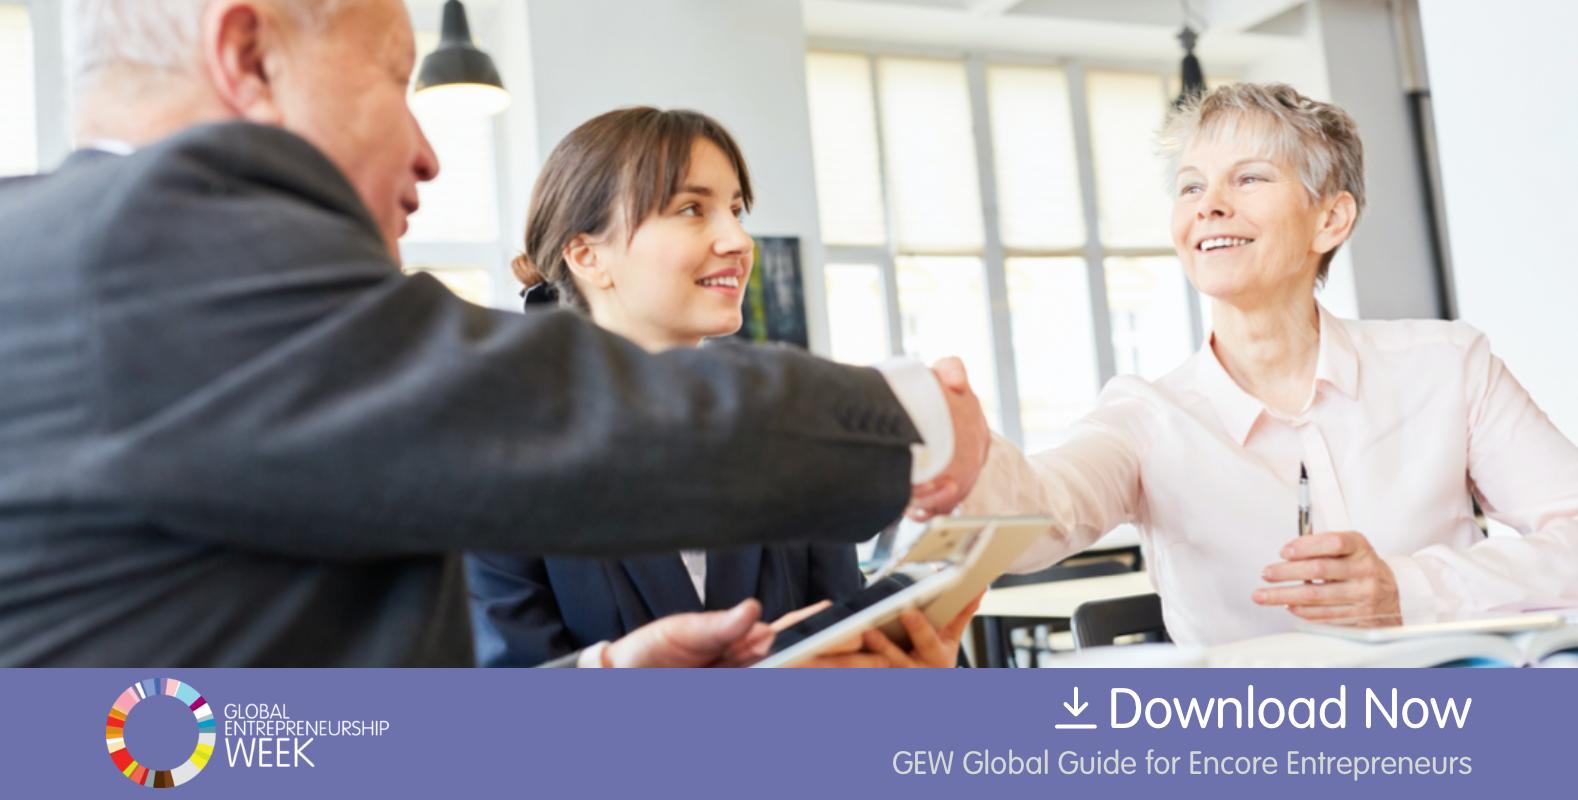 GEW Global Guide for Encore Entrepreneurs